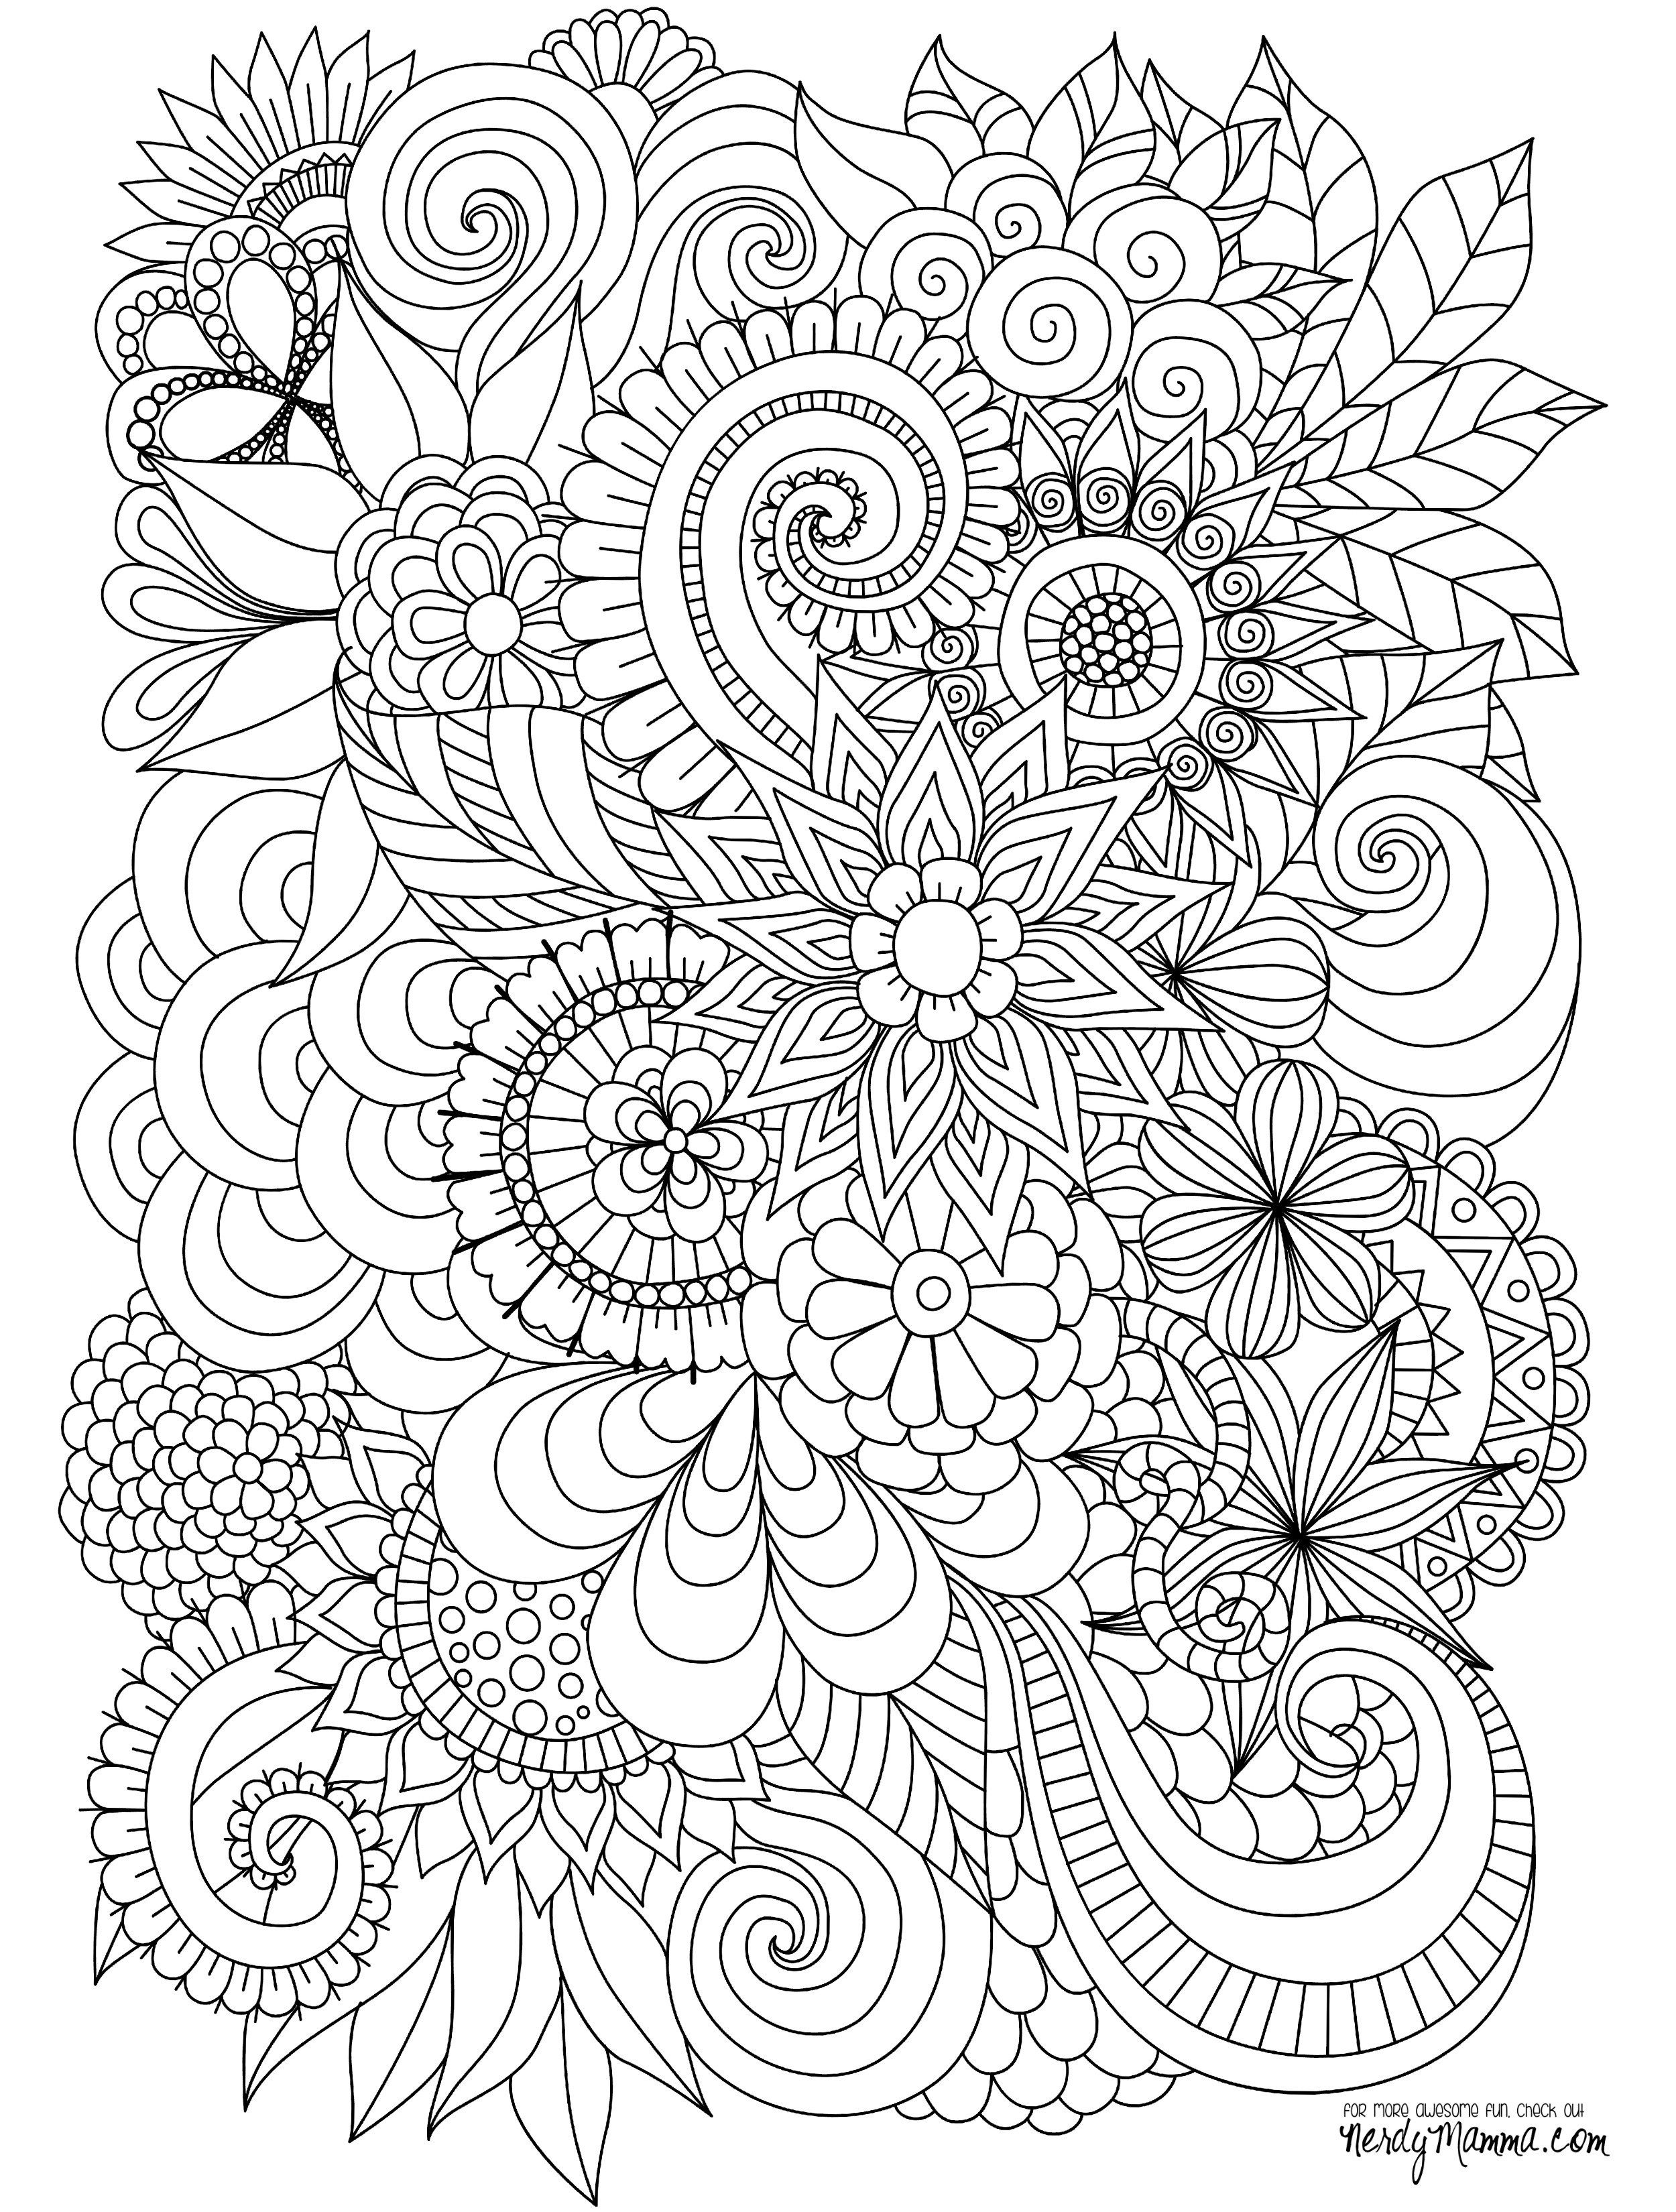 11 Free Printable Adult Coloring Pages | ñ�ð·ð¾ñ� | ð�ð±ñ�ñ�ñ�ð°ðºñ�ð½ñ�ðµ